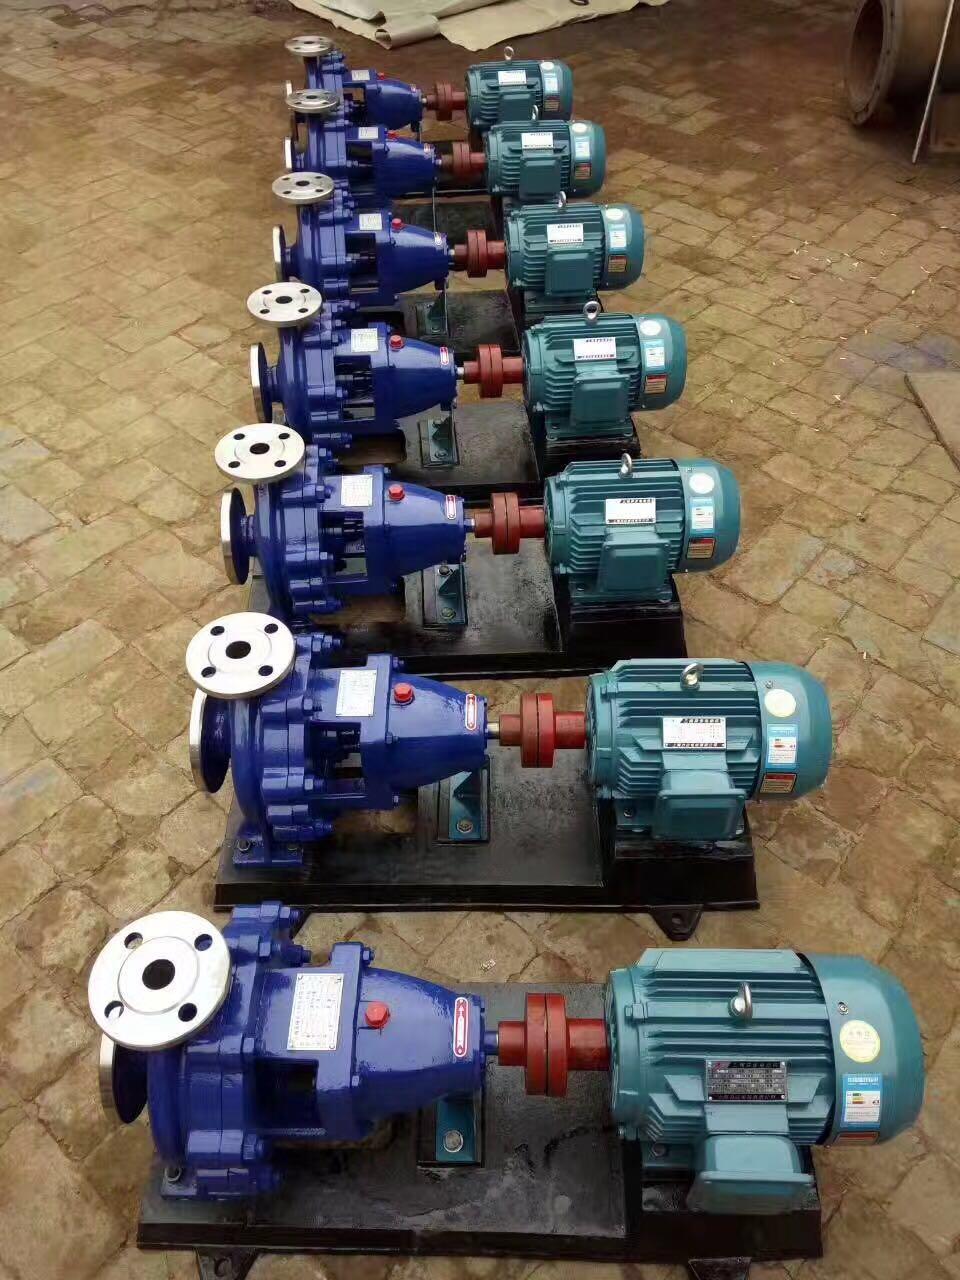 阿勒泰不锈钢化工泵价格-新域达机电设备经销部新疆化工泵出售